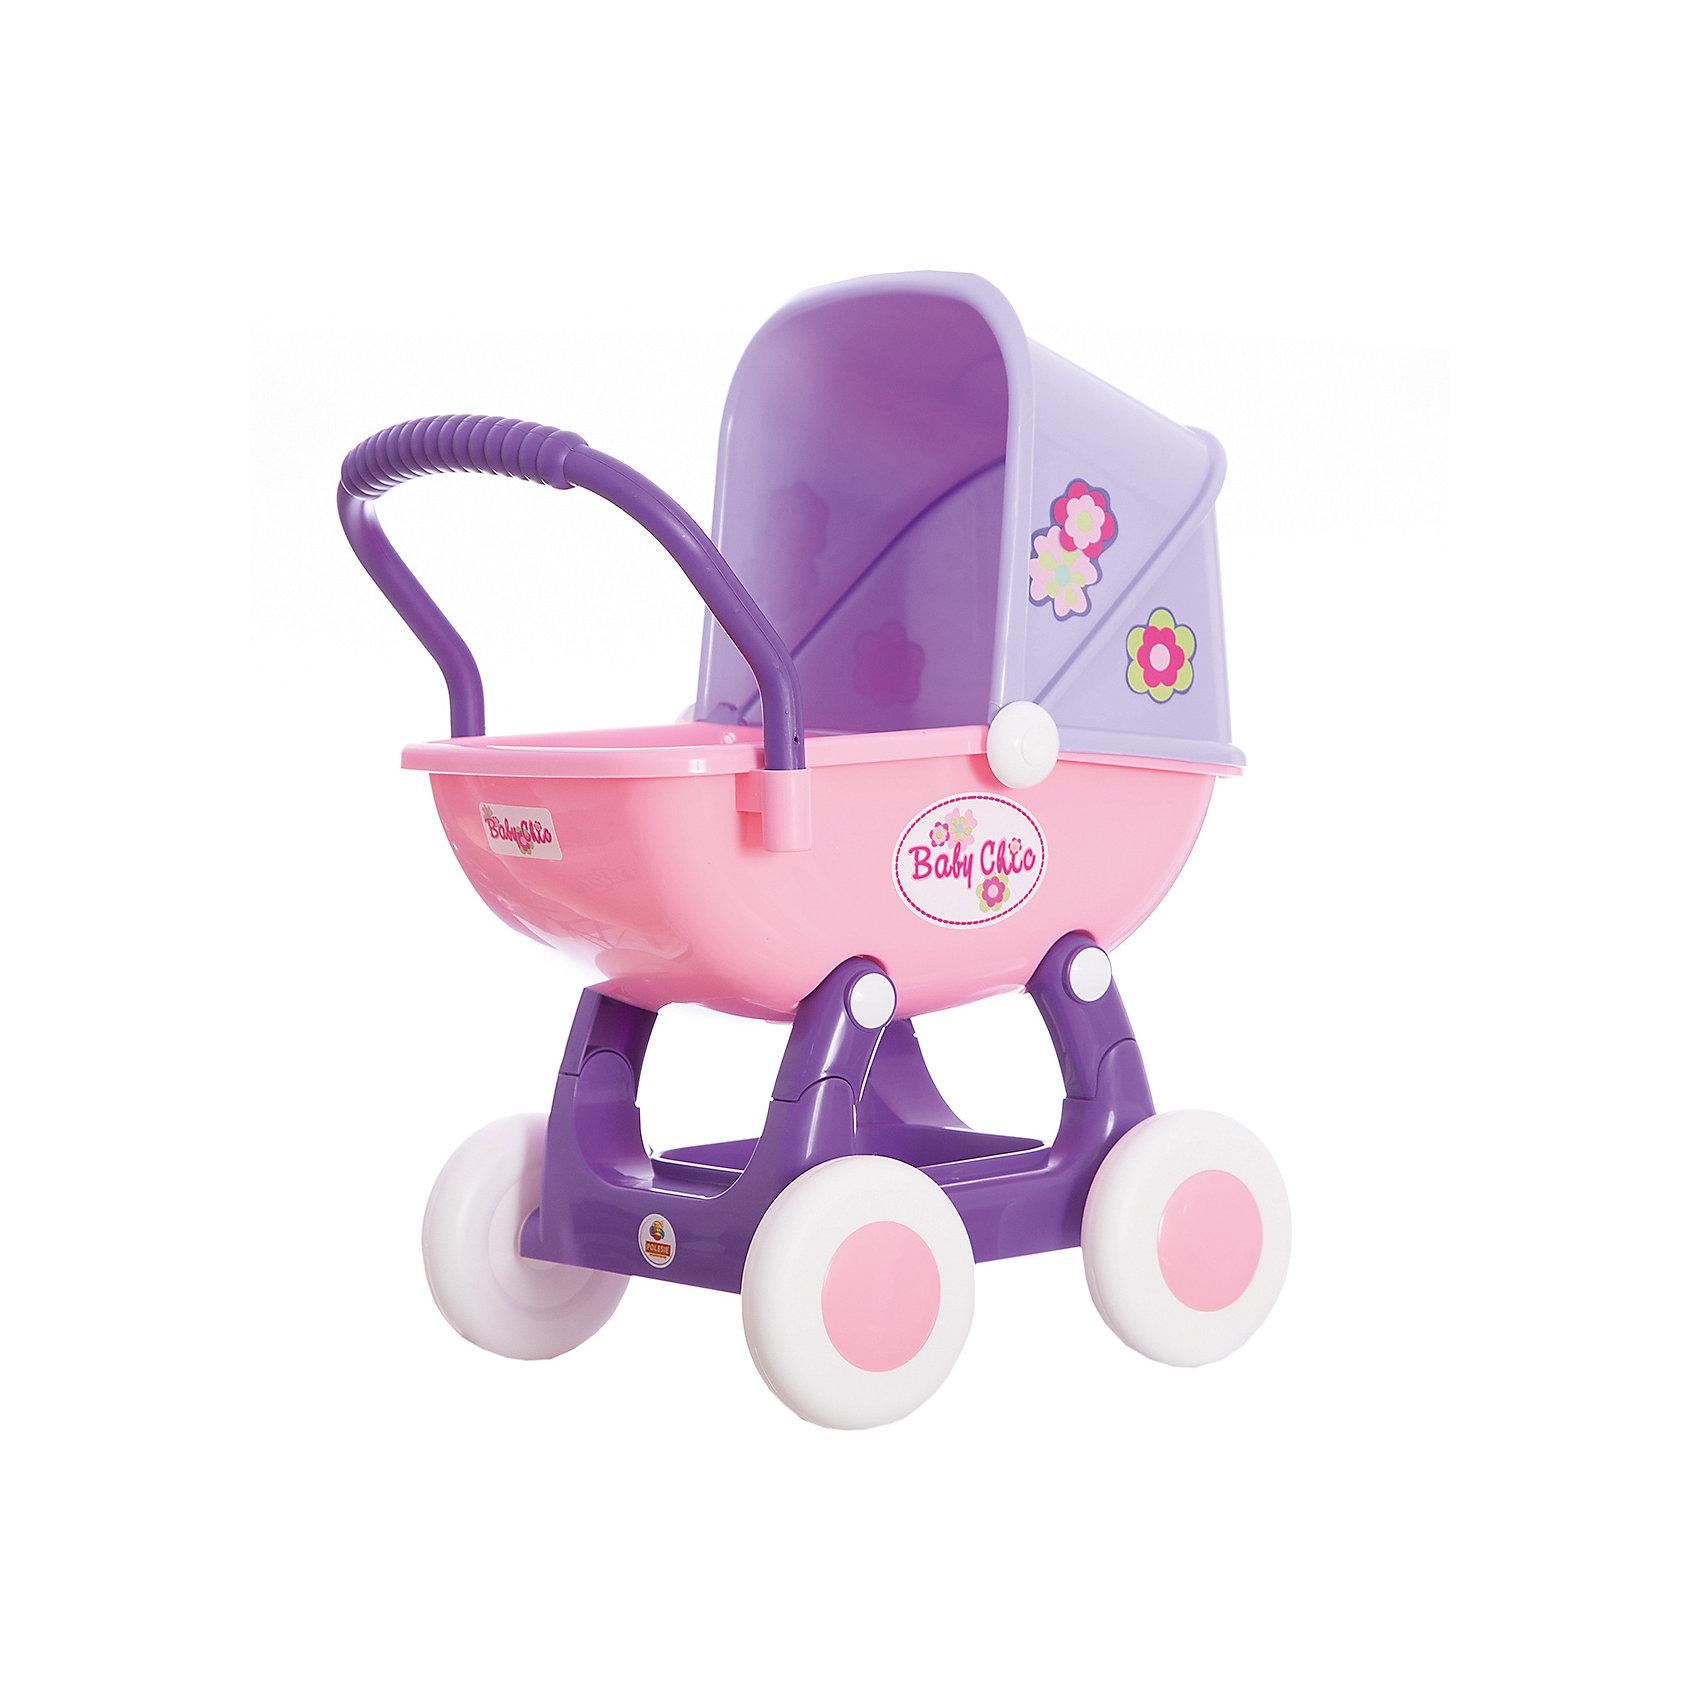 Коляска для кукол Arina, 4-х колёсная, ПолесьеКоляски и транспорт для кукол<br>Характеристики товара:<br><br>• возраст: от 18 месяцев<br>• размер игрушки: 50х36х58 см<br>• подходит для игры в помещении и на улице<br>• имеет устойчивую конструкцию<br>• 4 прорезиненных колеса обеспечивают мягкость и плавность при движении коляски<br>• у основания коляски имеется реечное дно, в которое удобно складывать игрушки<br>• в данную коляску можно усадить практически любую куклу размером до 48 см<br>• выполнена из прочной пластмассы высокого качества<br>• страна бренда: Беларусь.<br><br>С детства девочки любят играть с куклами, ухаживать за ними, купать и кормить. Кроме того, они любят ходить с ними на прогулку. С этой коляской можно катать на улице свою любимую куклу и гулять с ней сколько угодно. <br><br>Коляска выглядит совсем как настоящая, поэтому любая девочка может почувствовать себя в роли молодой мамы. <br><br>Внимание! Цвет коляски варьируется и может отличаться от цветов на фотографии.<br><br>Коляску для кукол Arina, 4-х колёсную, Полесье можно купить в нашем интернет-магазине.<br><br>Ширина мм: 445<br>Глубина мм: 332<br>Высота мм: 595<br>Вес г: 1742<br>Возраст от месяцев: 36<br>Возраст до месяцев: 2147483647<br>Пол: Женский<br>Возраст: Детский<br>SKU: 6760766